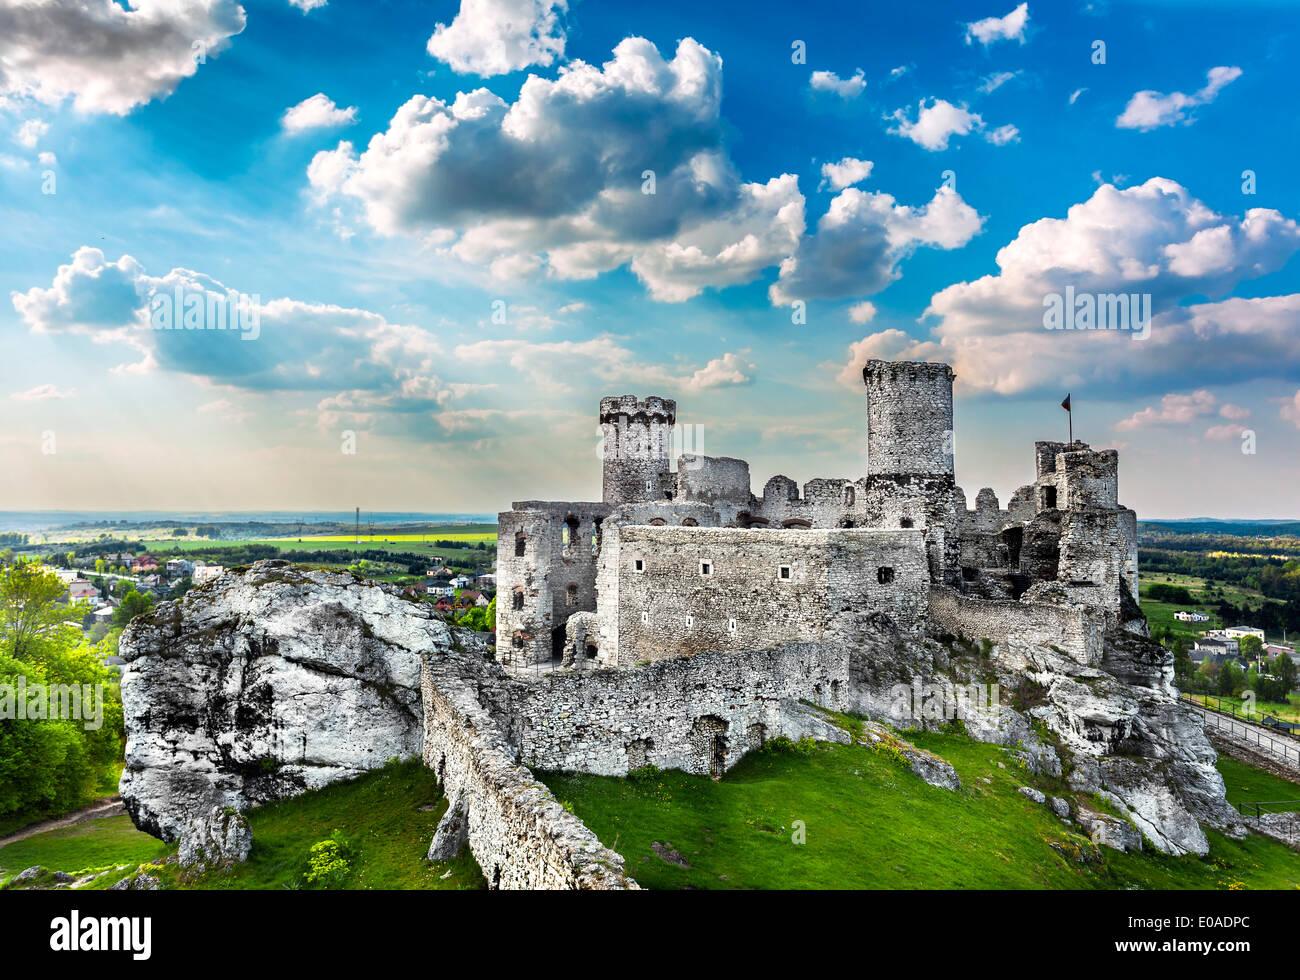 Ruinen einer Burg, Ogrodzieniec Befestigungsanlagen, Polen. Stockbild